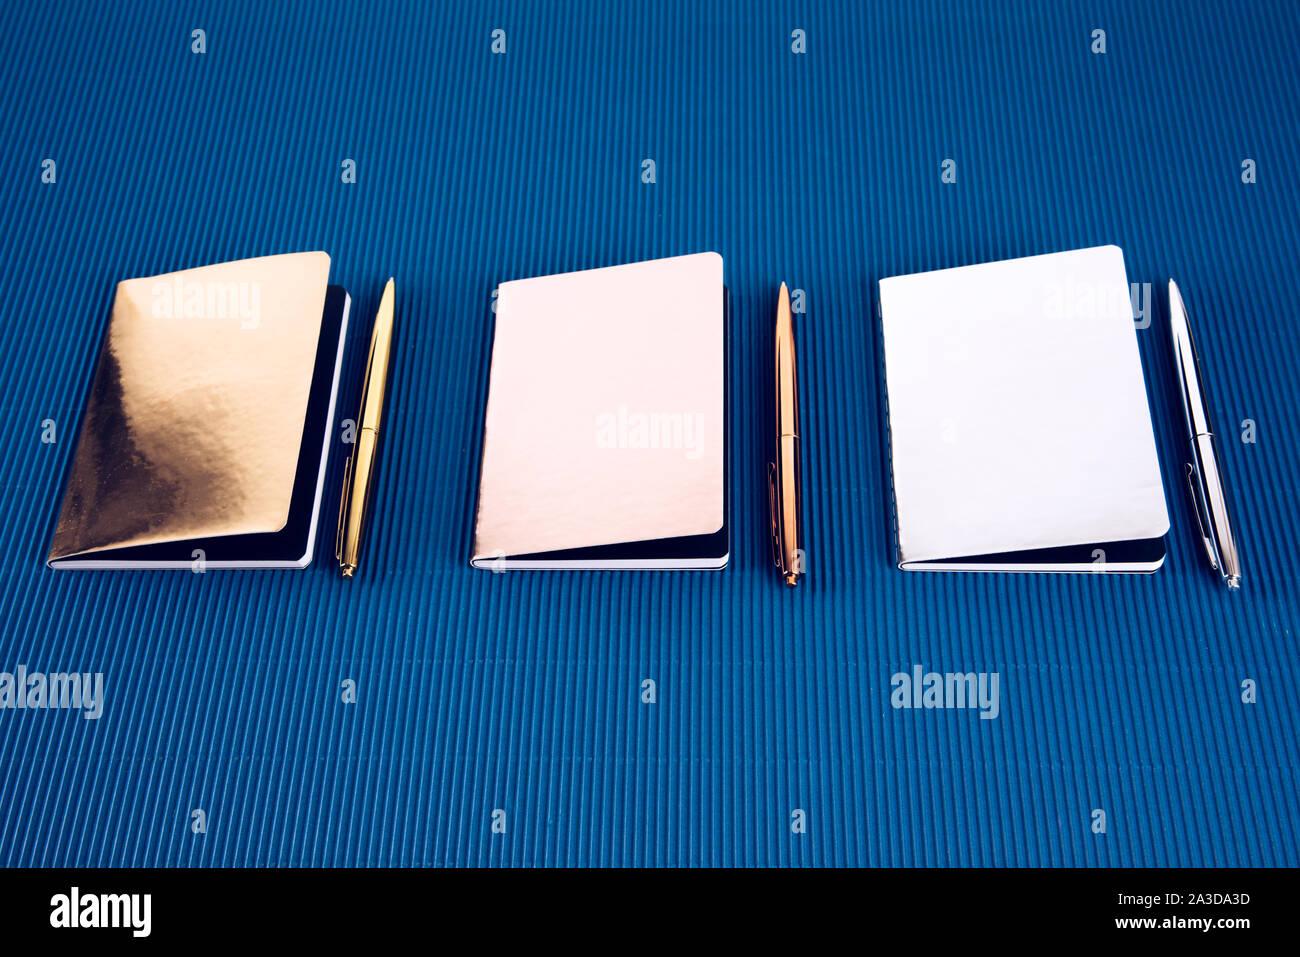 Partie d'une série décrivant les fournitures scolaires. Banque D'Images